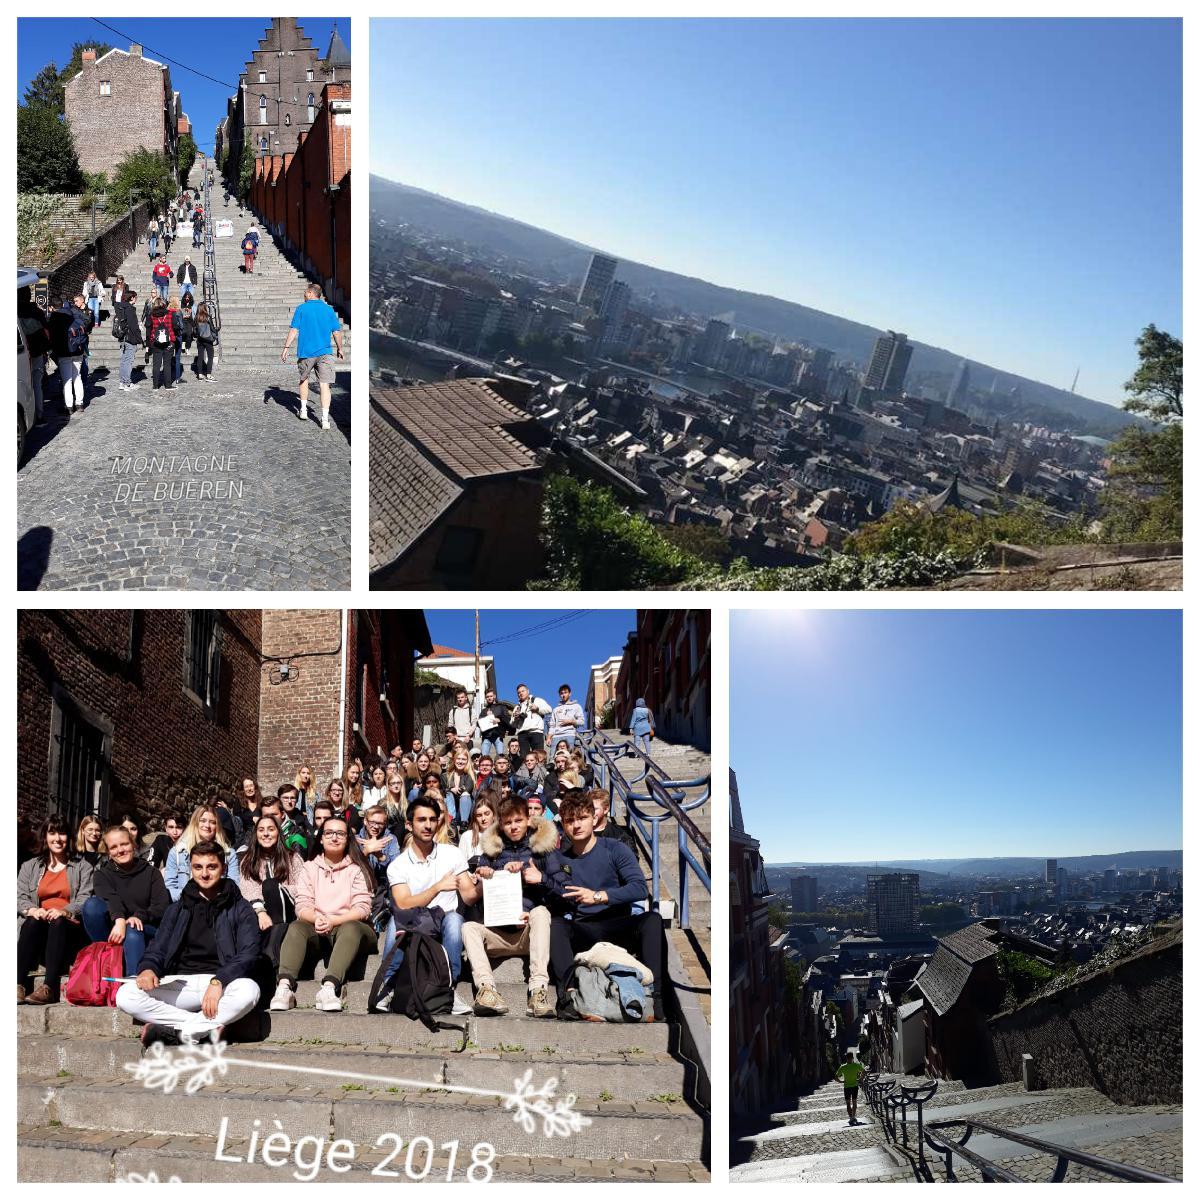 Exkursion der Französischkurse nach Liège